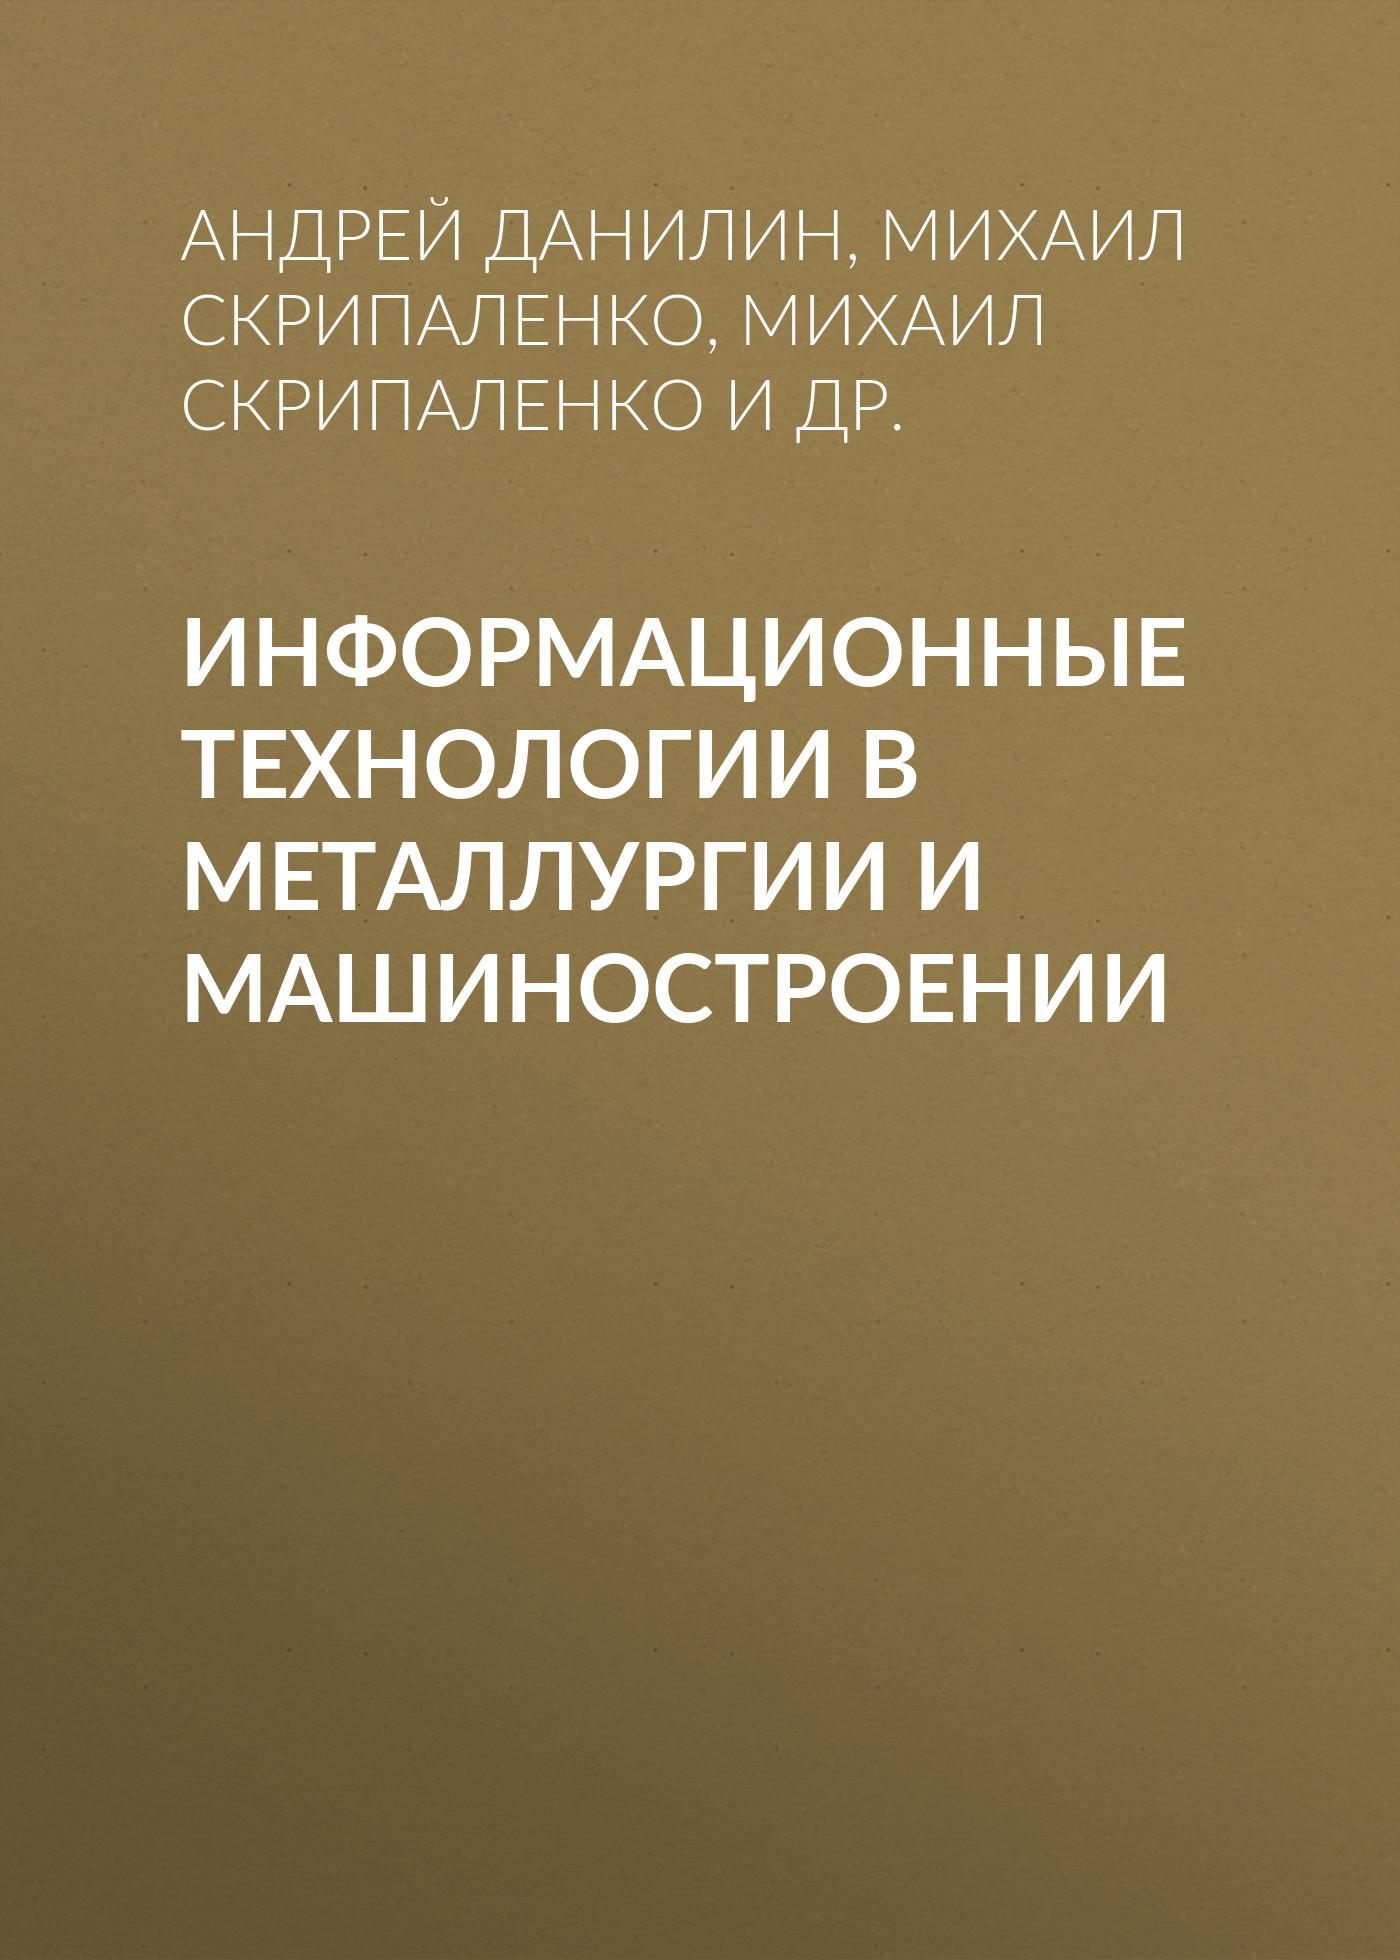 Михаил Скрипаленко Информационные технологии в металлургии и машиностроении